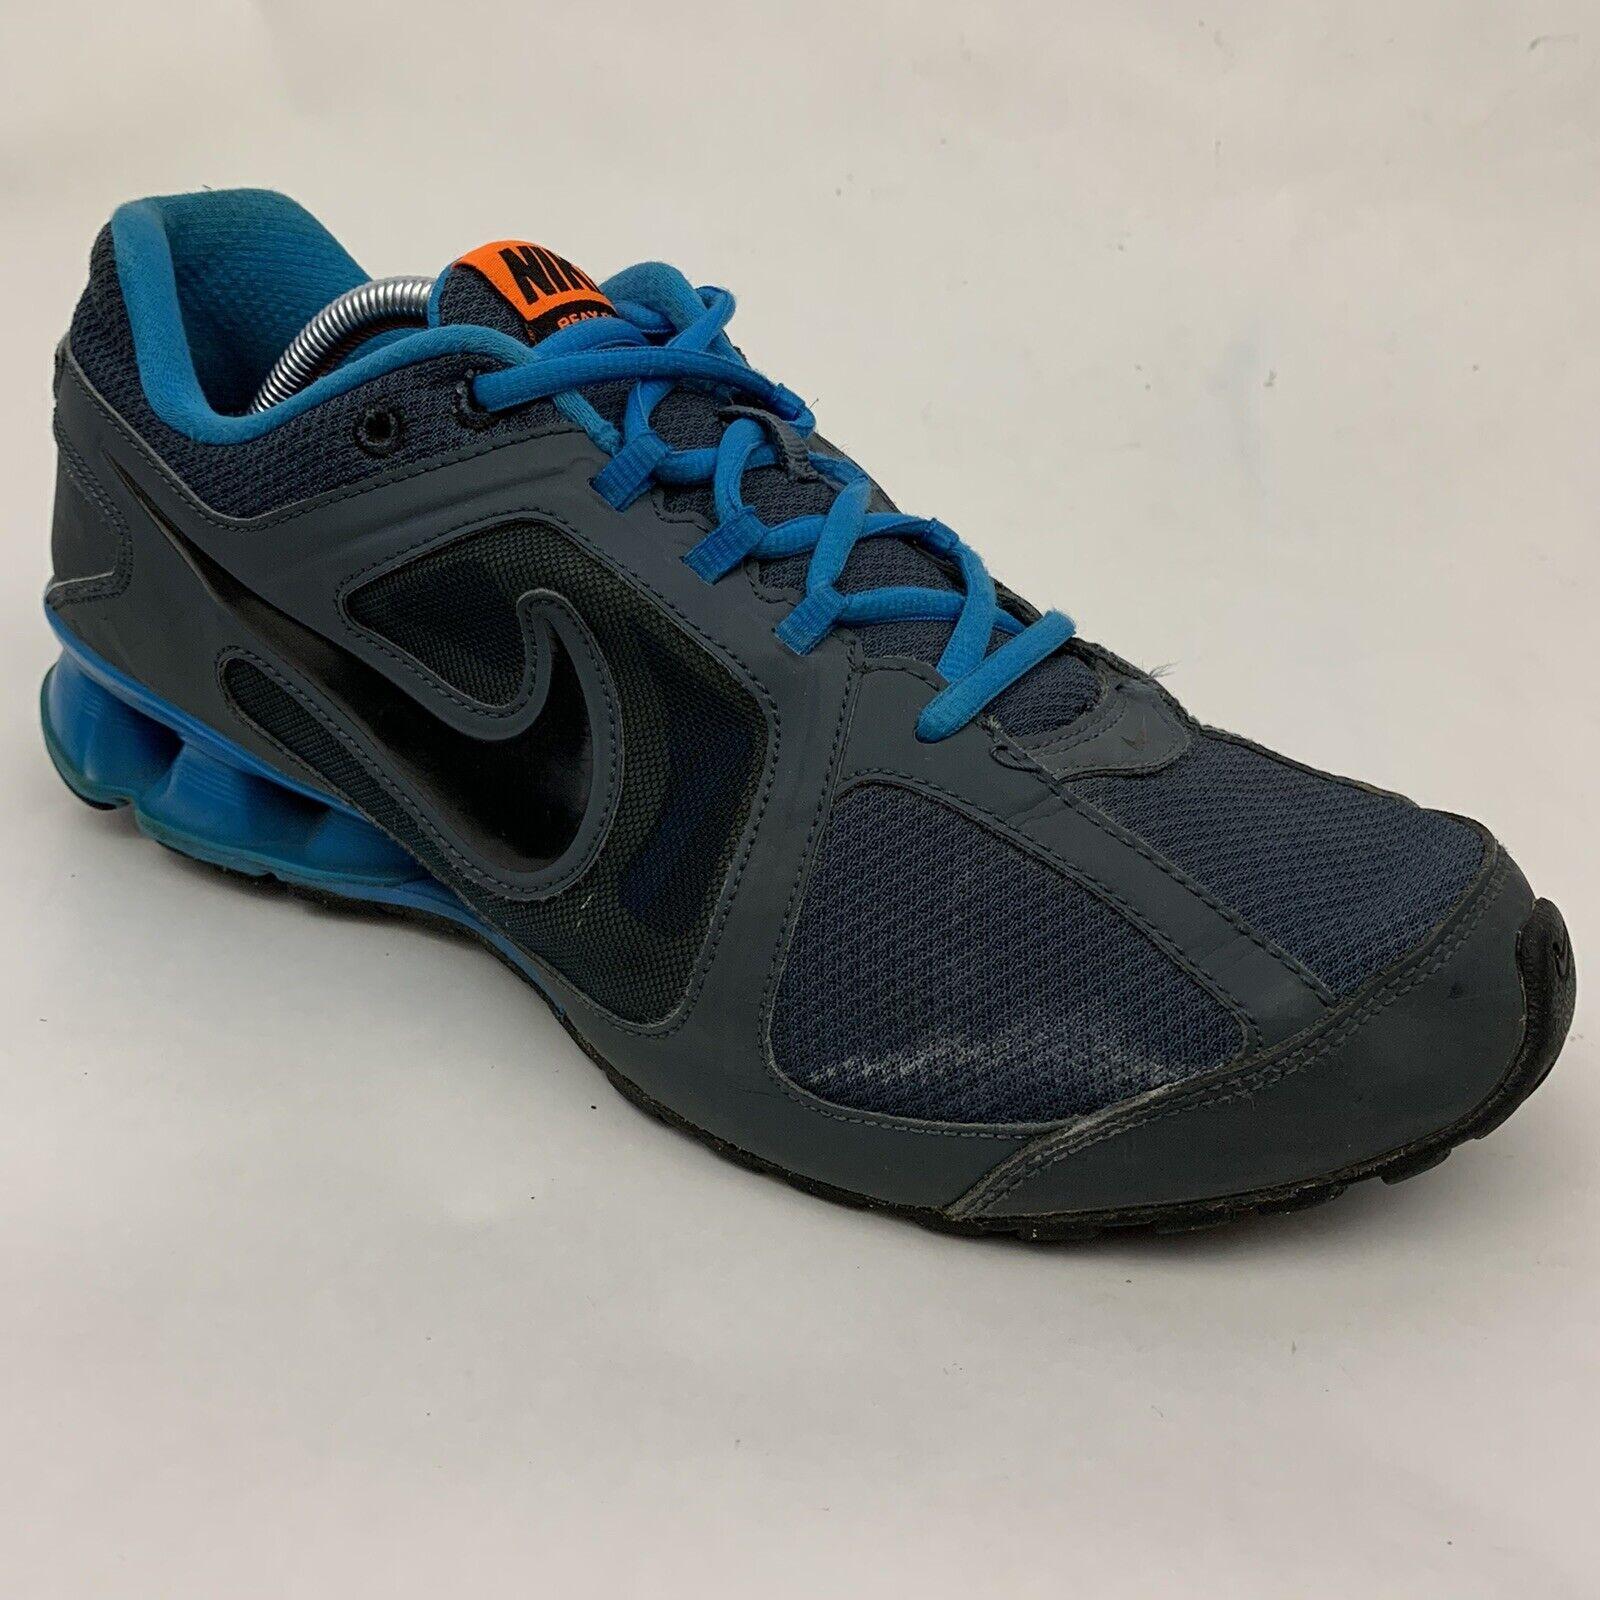 Nike Downshifter 8 Mens Running